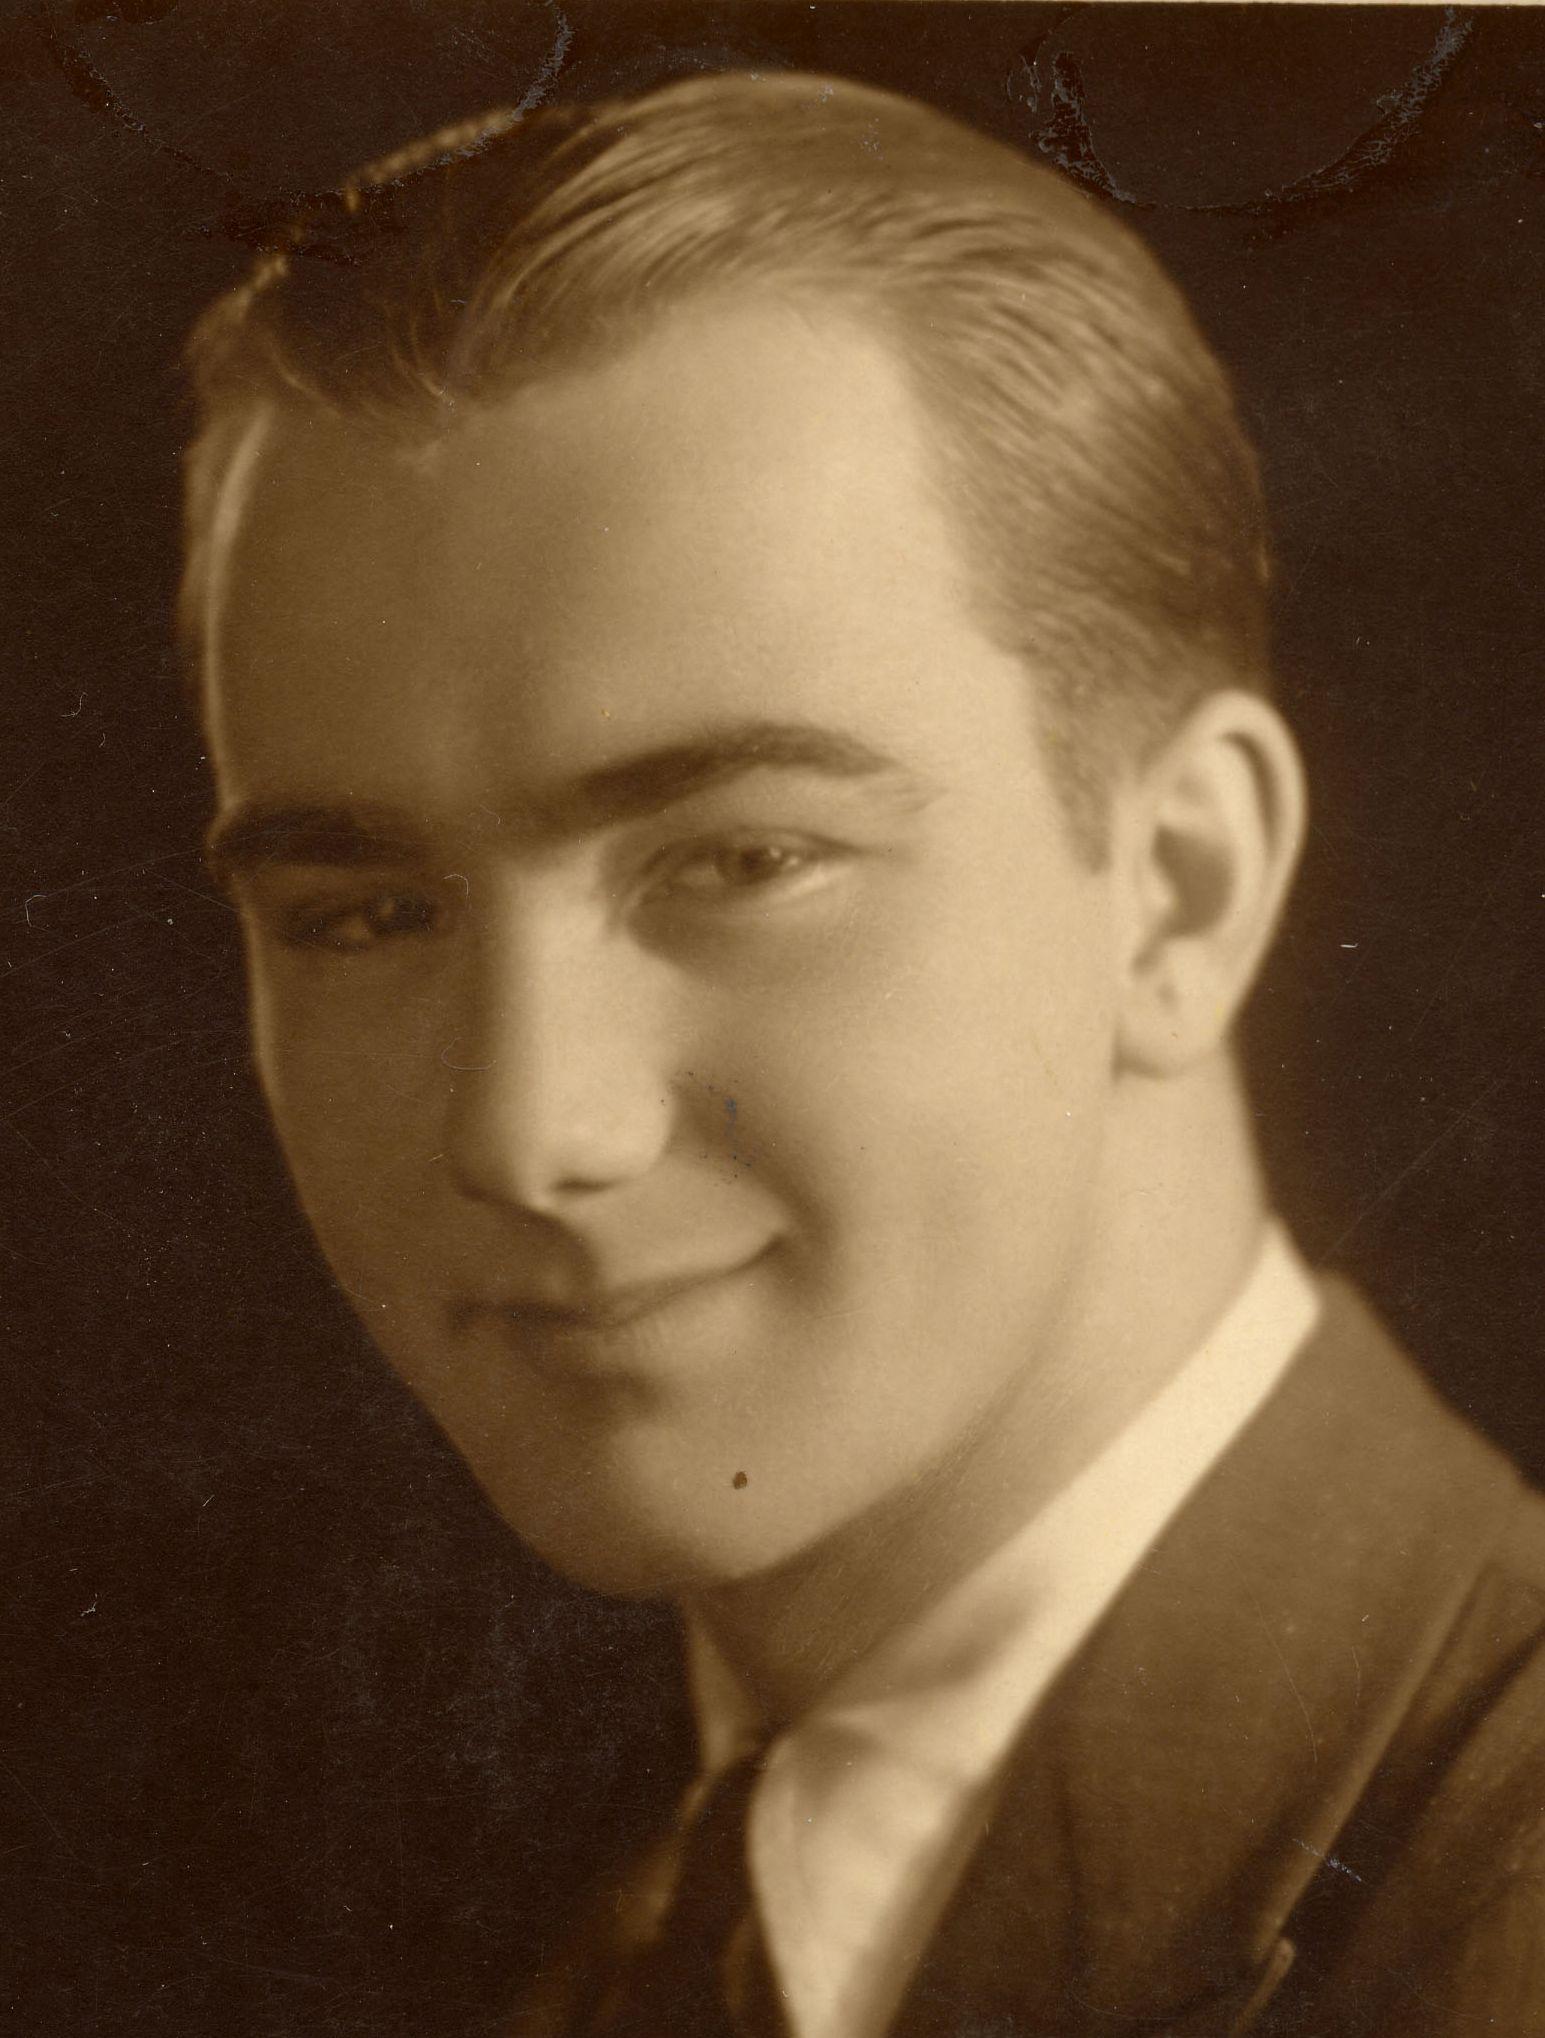 Holt, Thulburn Russell